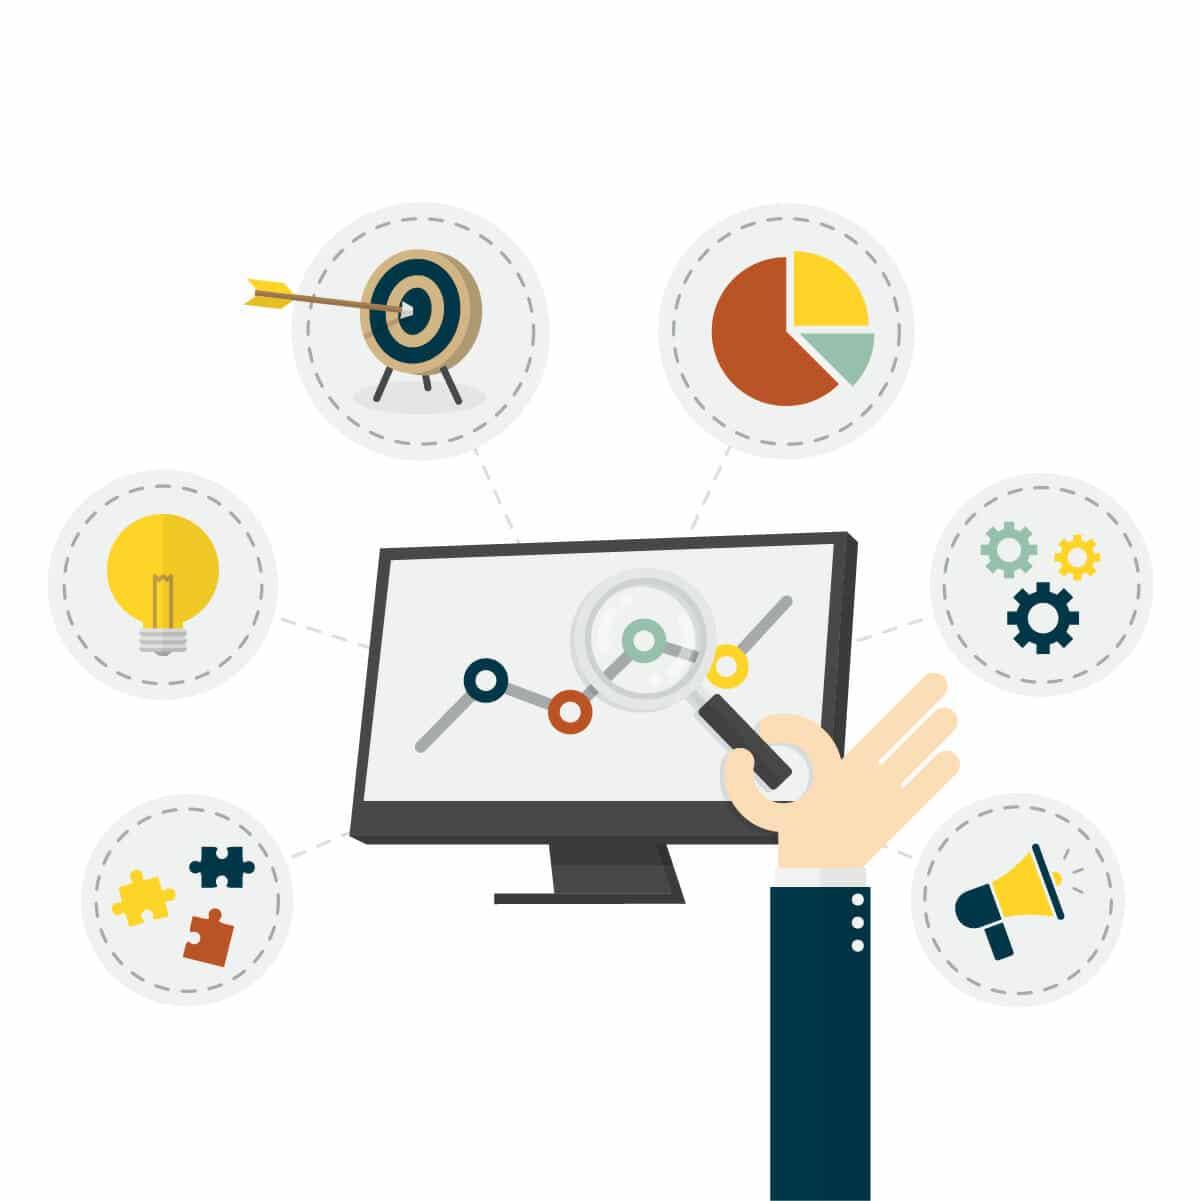 Sirope agencia diseño agencia creatividad marca bilbao datos